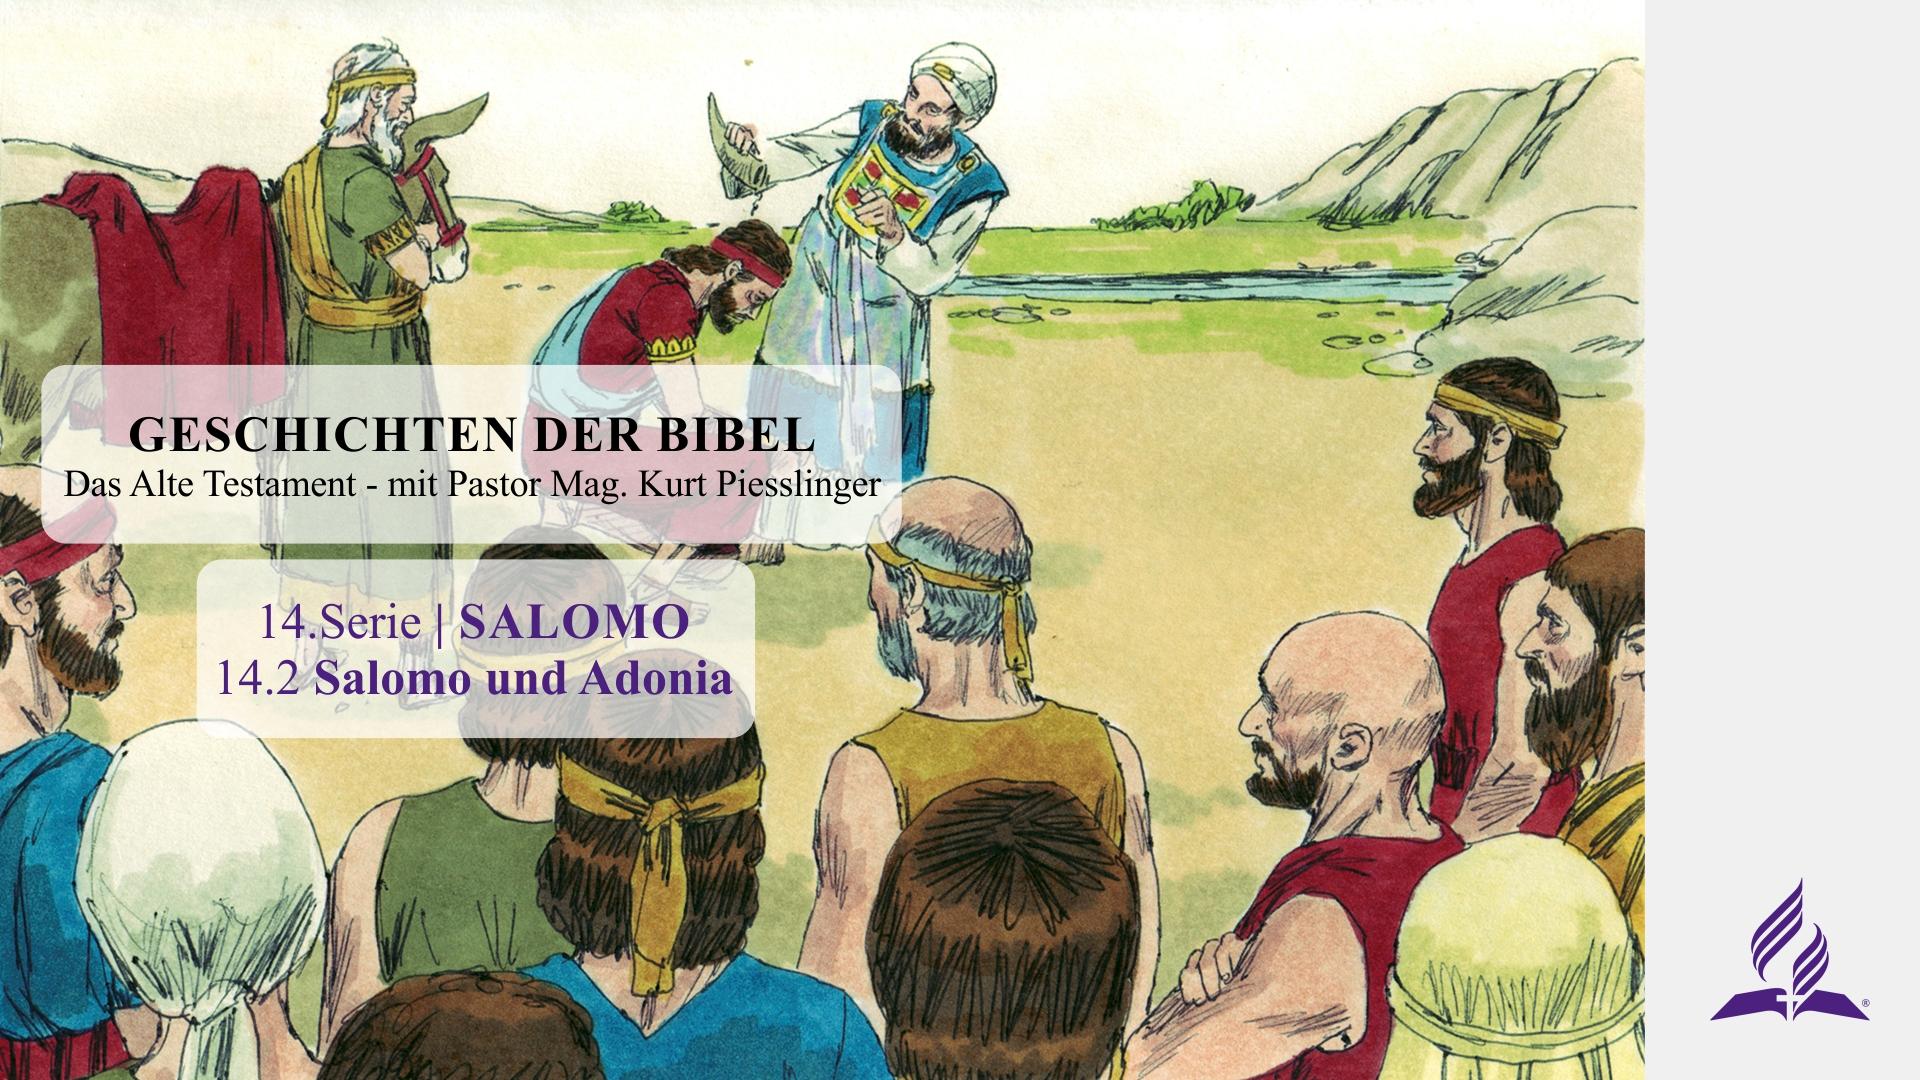 14.2 Salomo und Adonia x